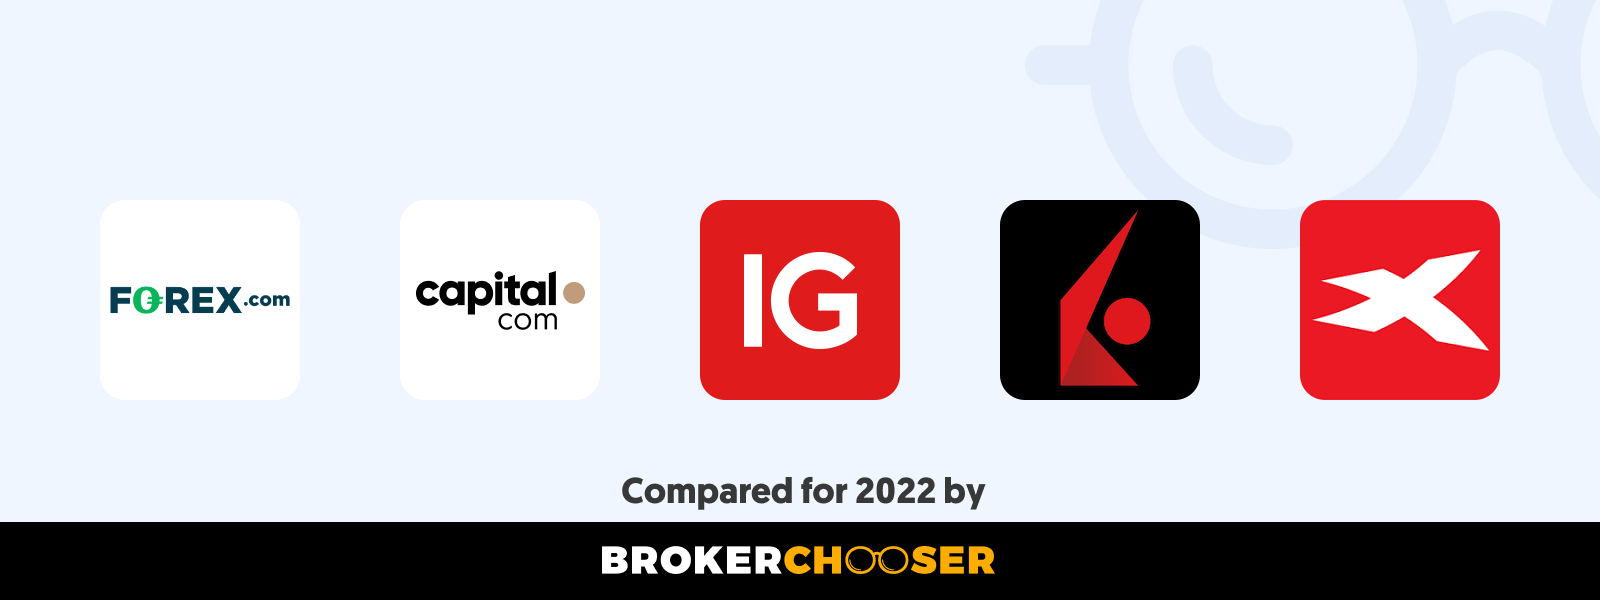 Best forex brokers for beginners in the Solomon Islands in 2021